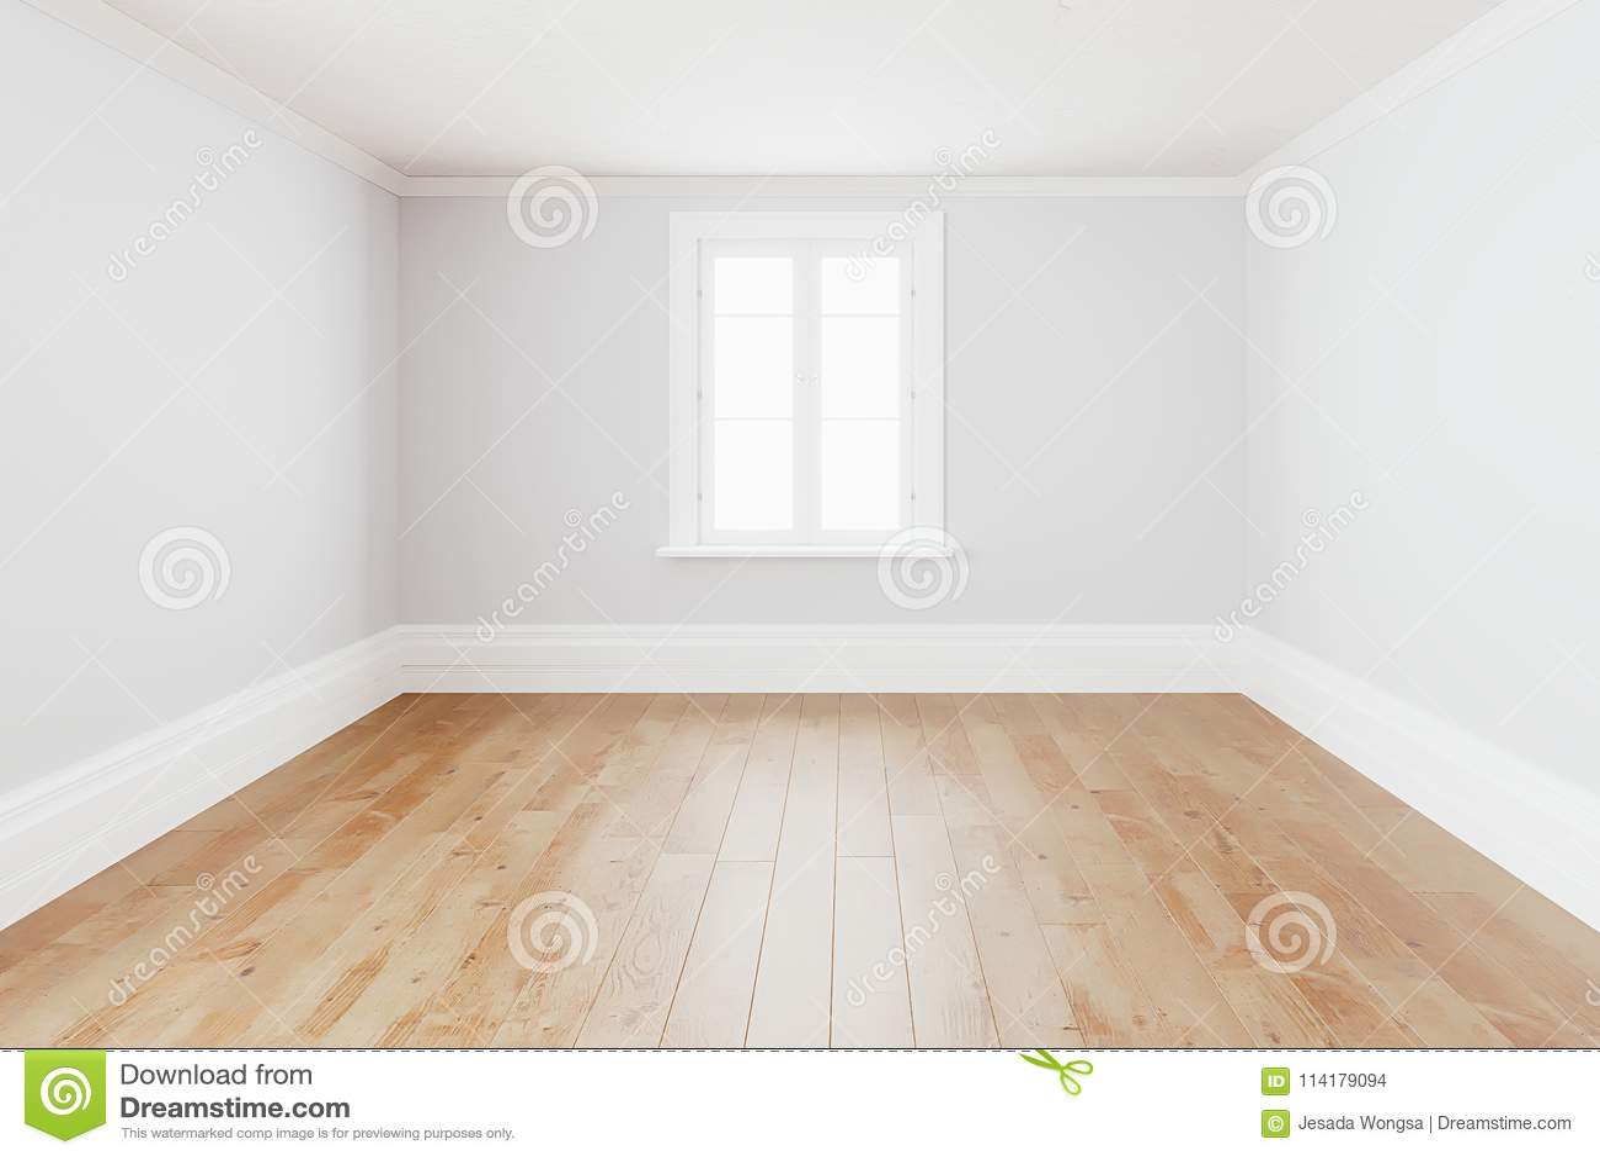 Witte Houten Vloer : Lege eenvoudige binnenlandse ruimte achtergrond lege witte murenhoek